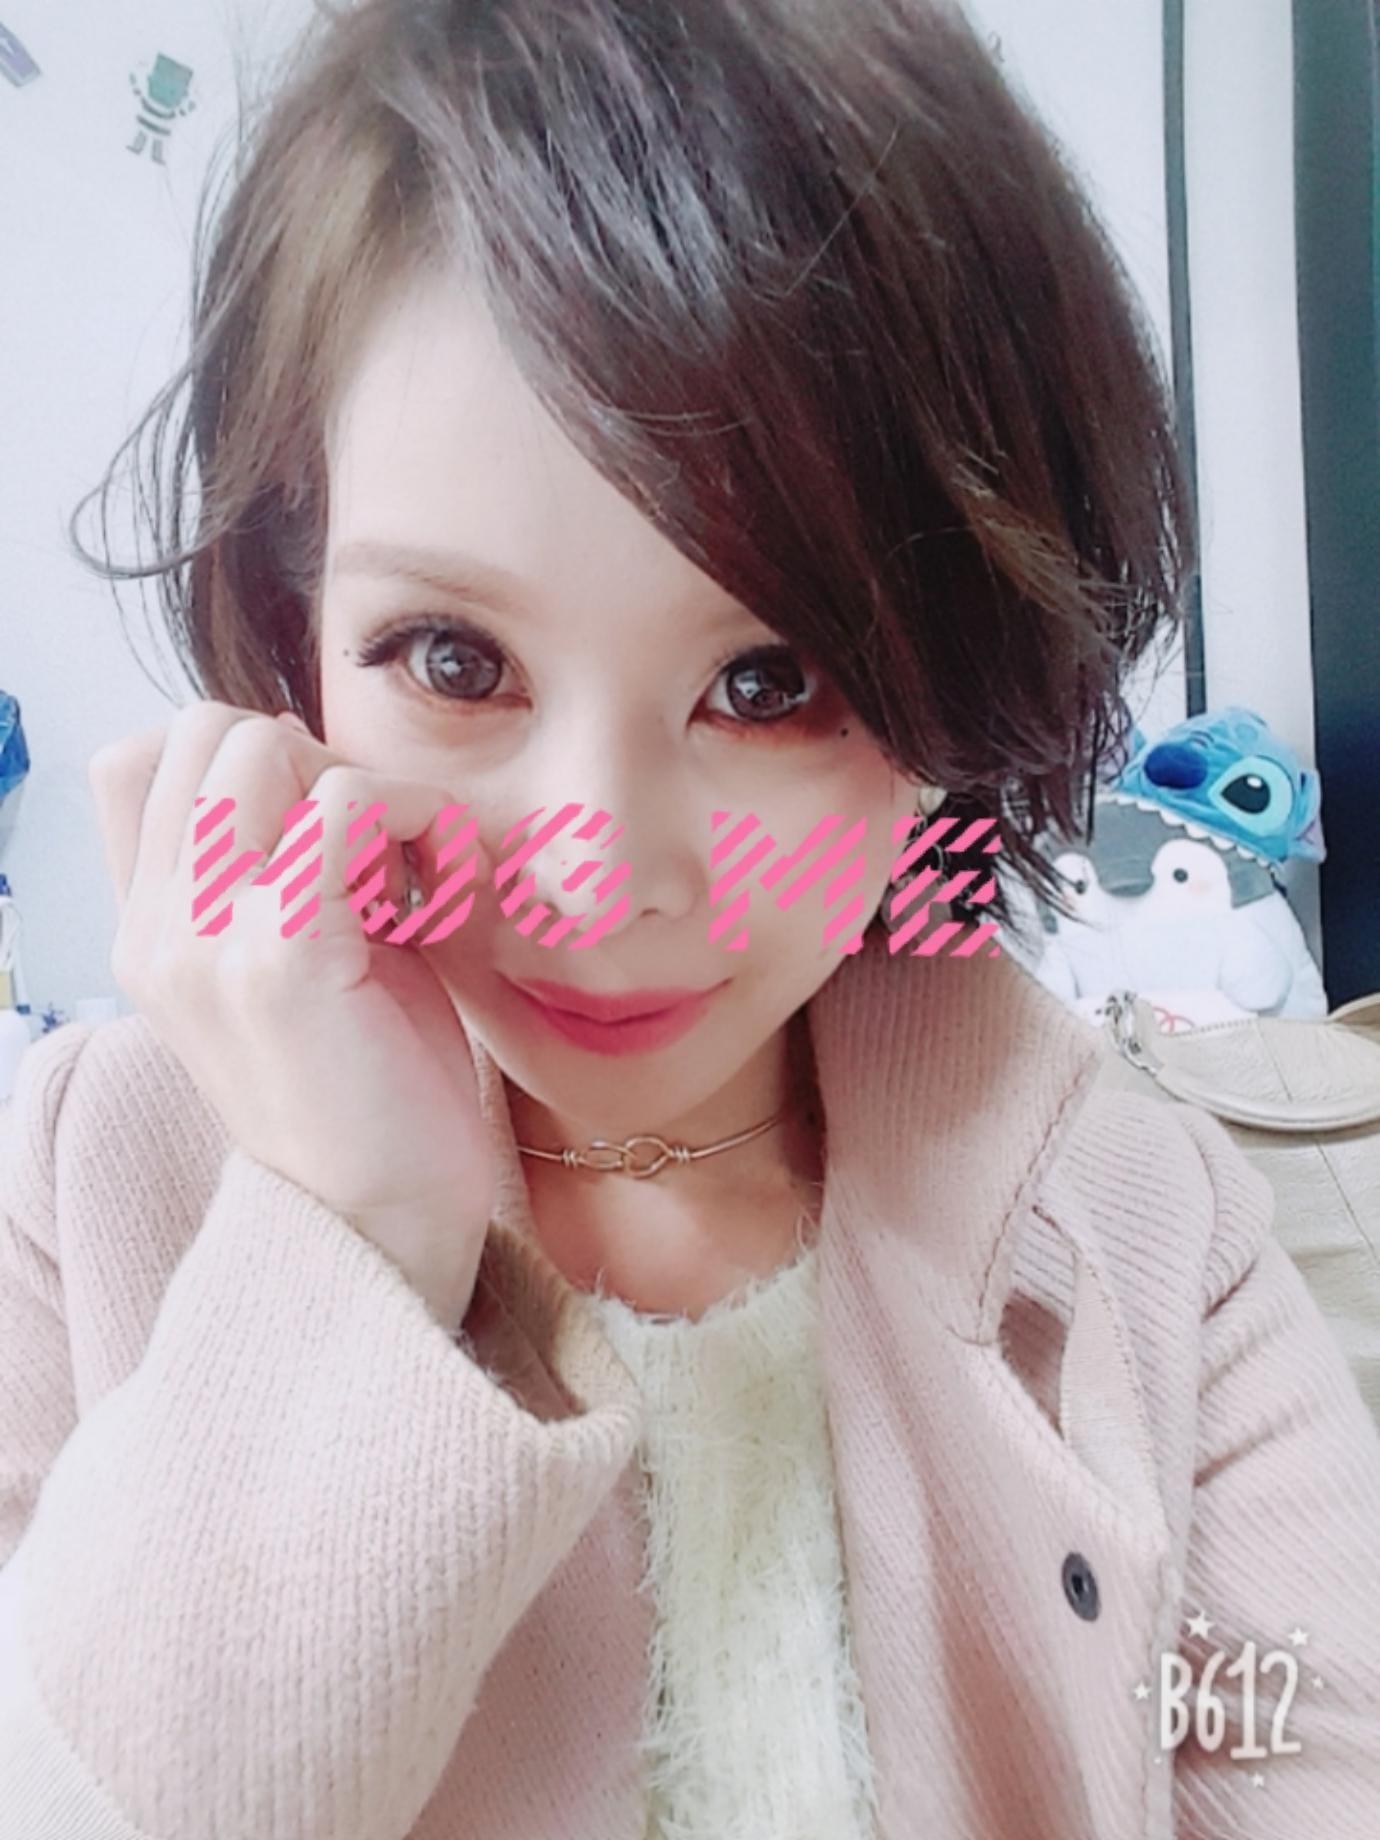 えりか「お兄様ぁ♡」10/23(火) 17:20 | えりかの写メ・風俗動画